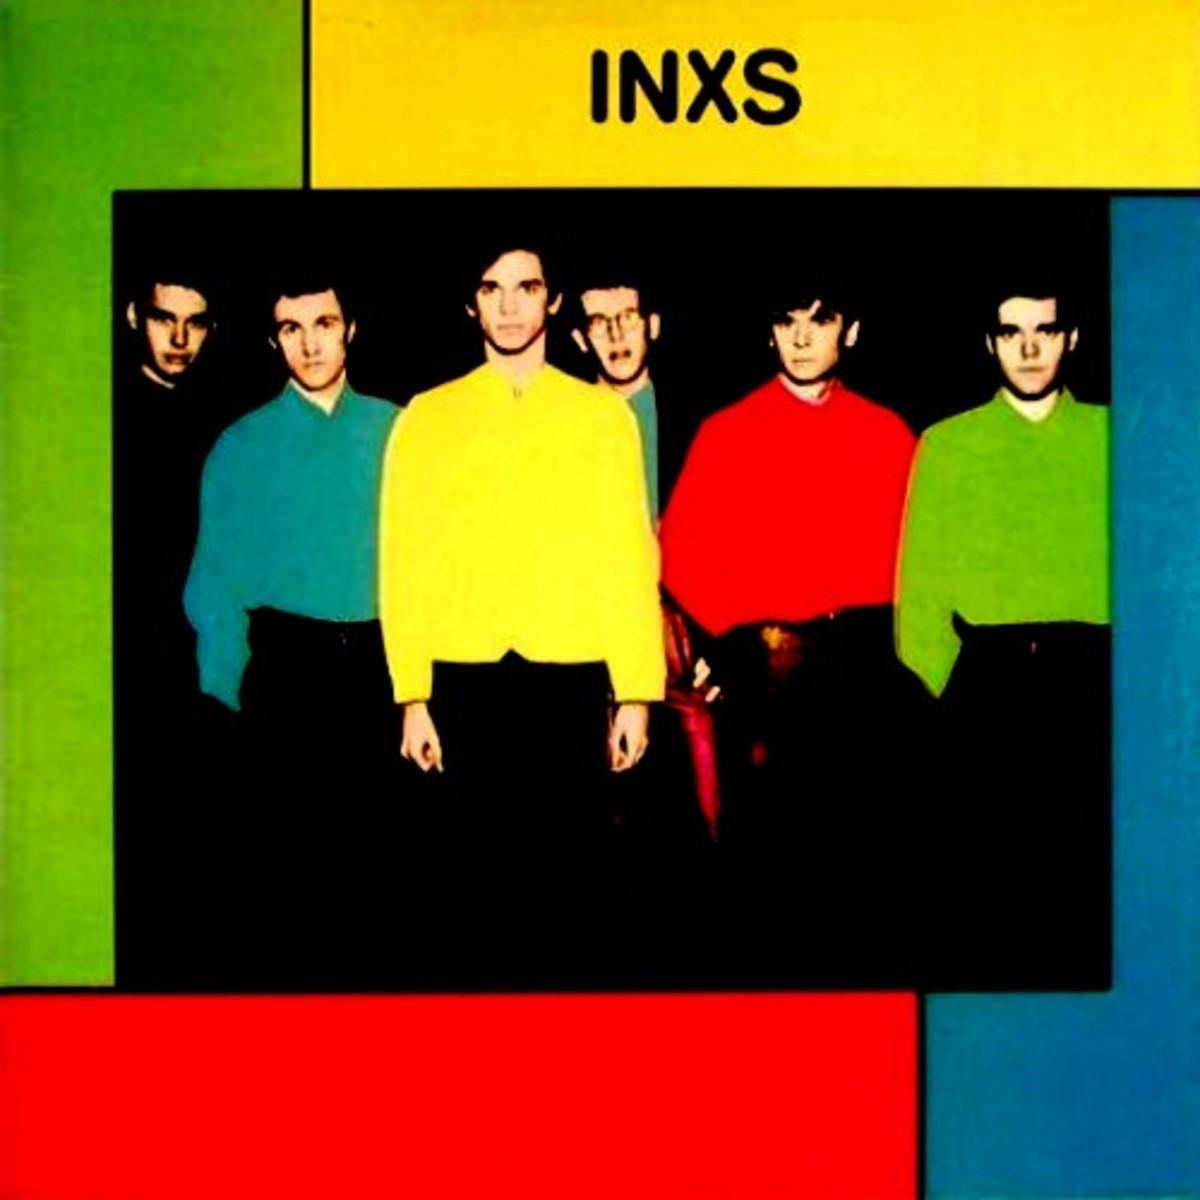 INXS(521X)